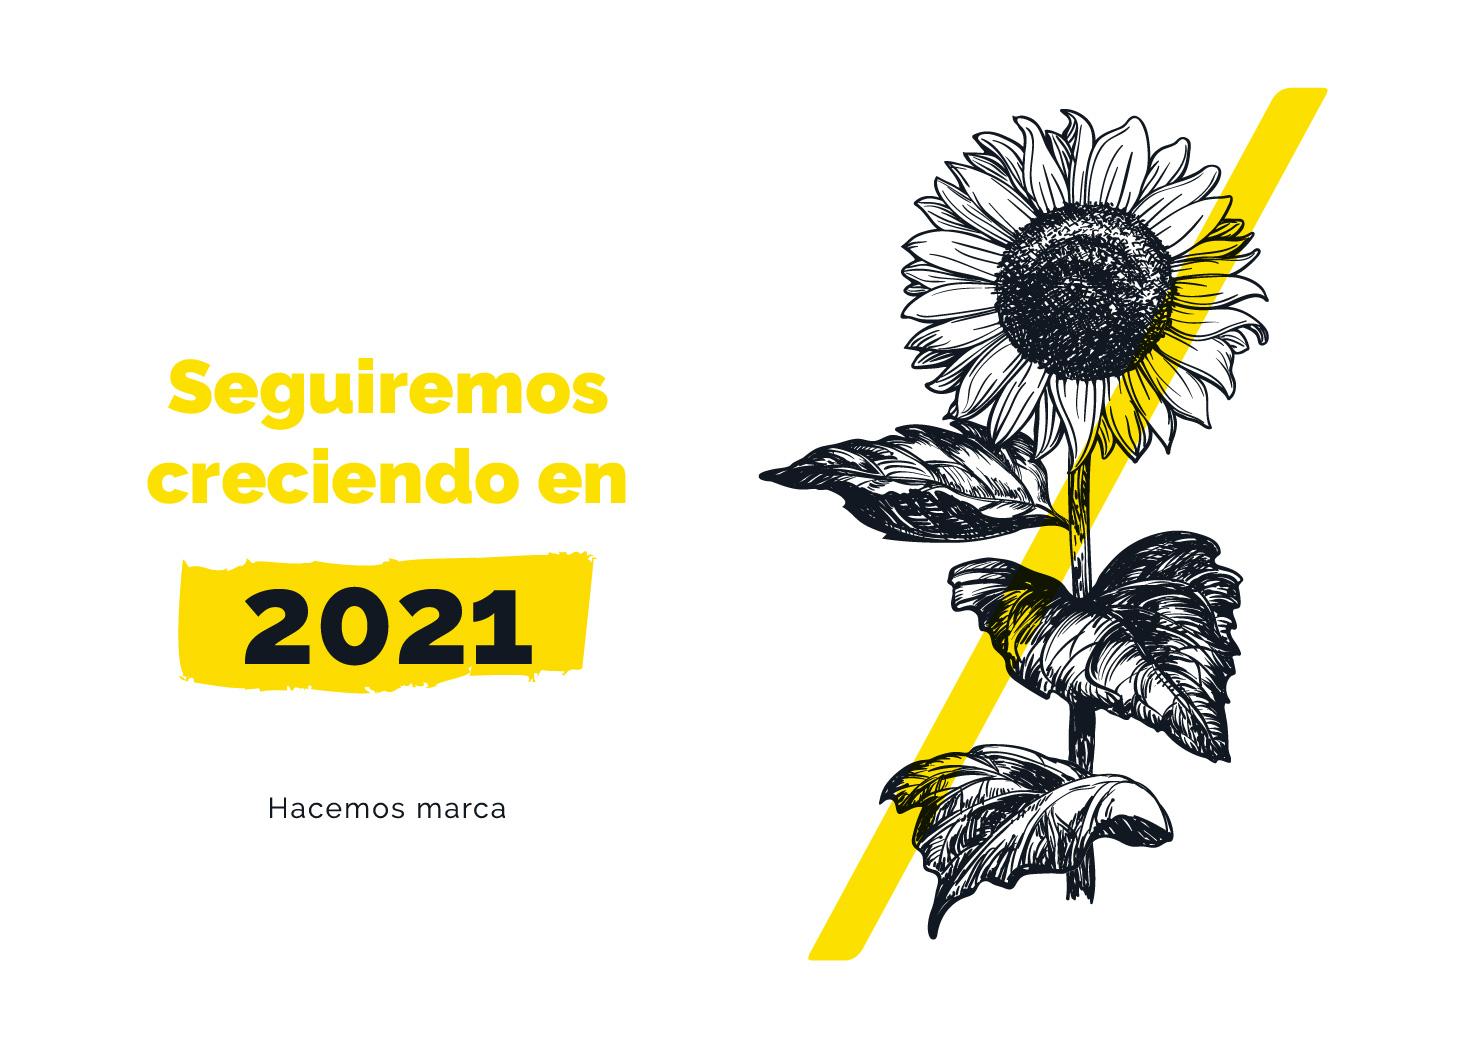 Seguiremos creciendo en 2021